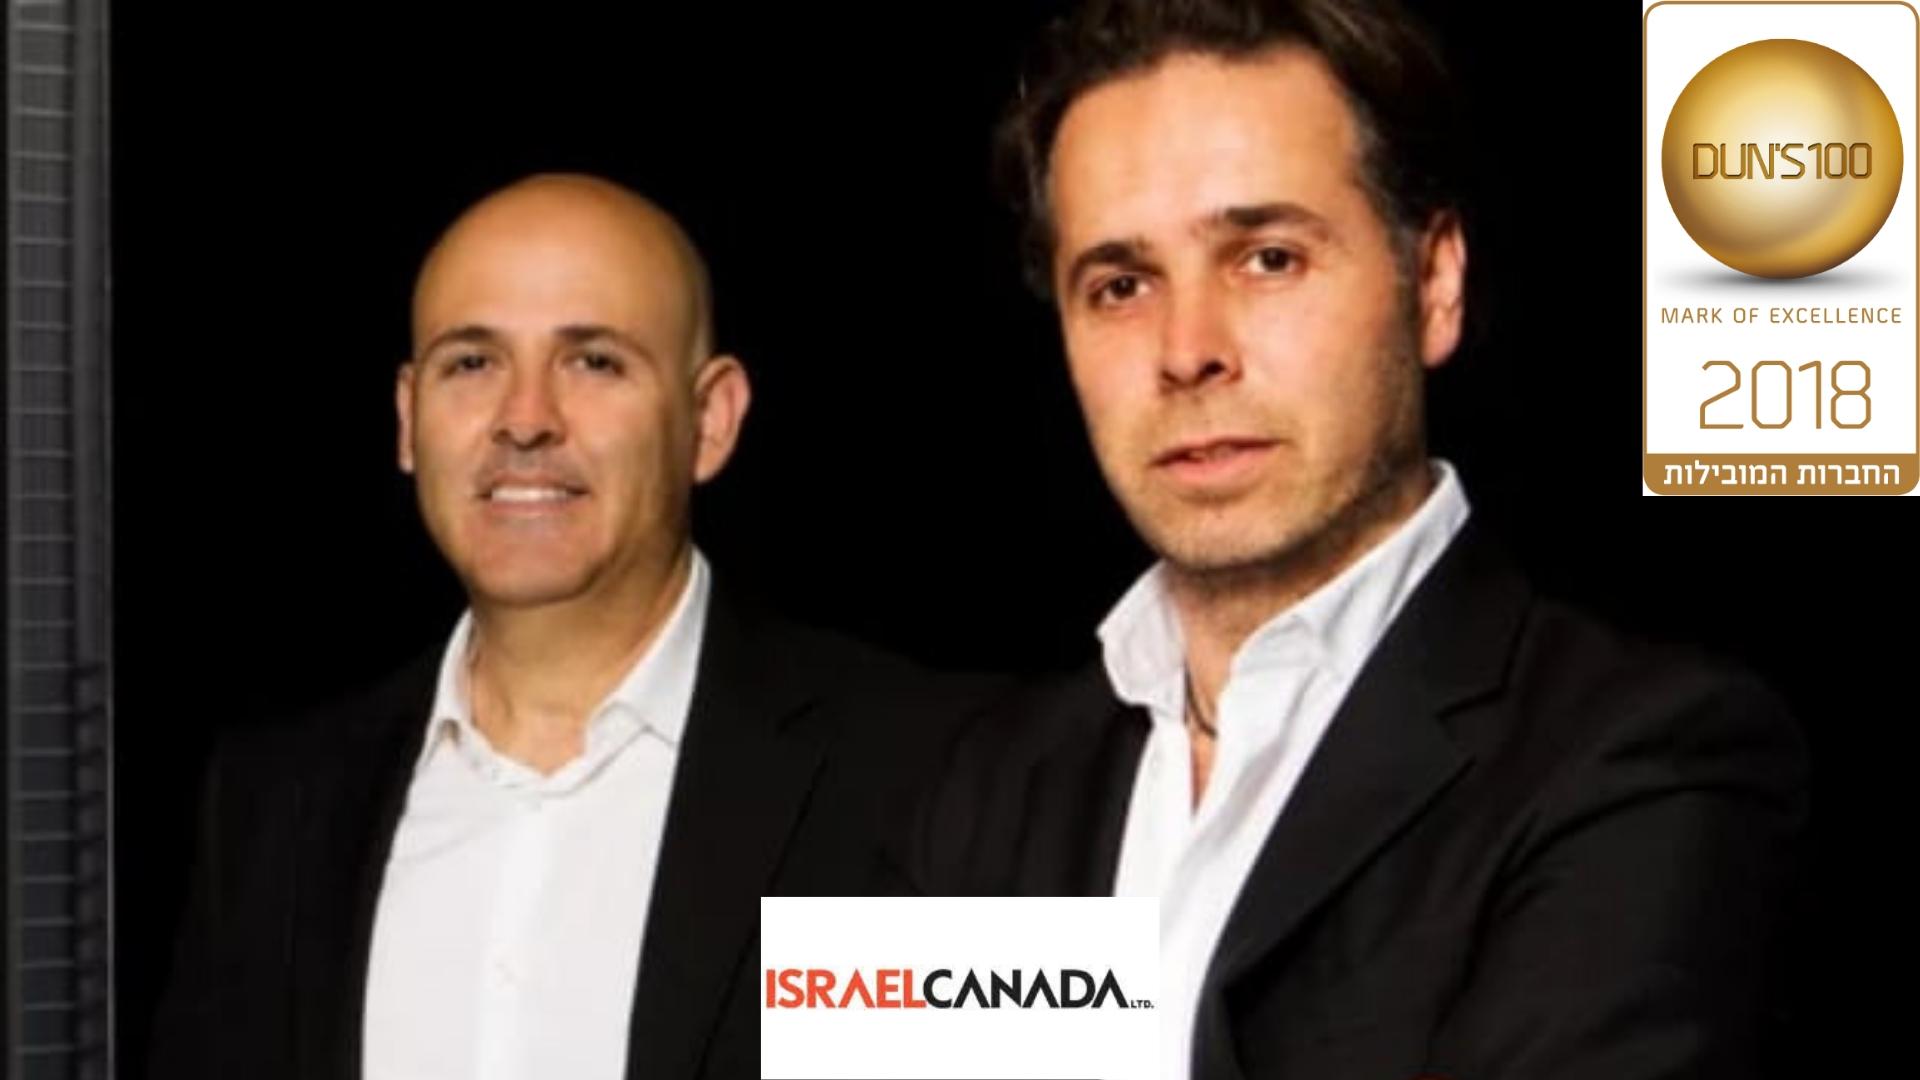 הארץ – מצוינות בבניה הארץ: אות מצוינות עסקית לקנדה ישראל